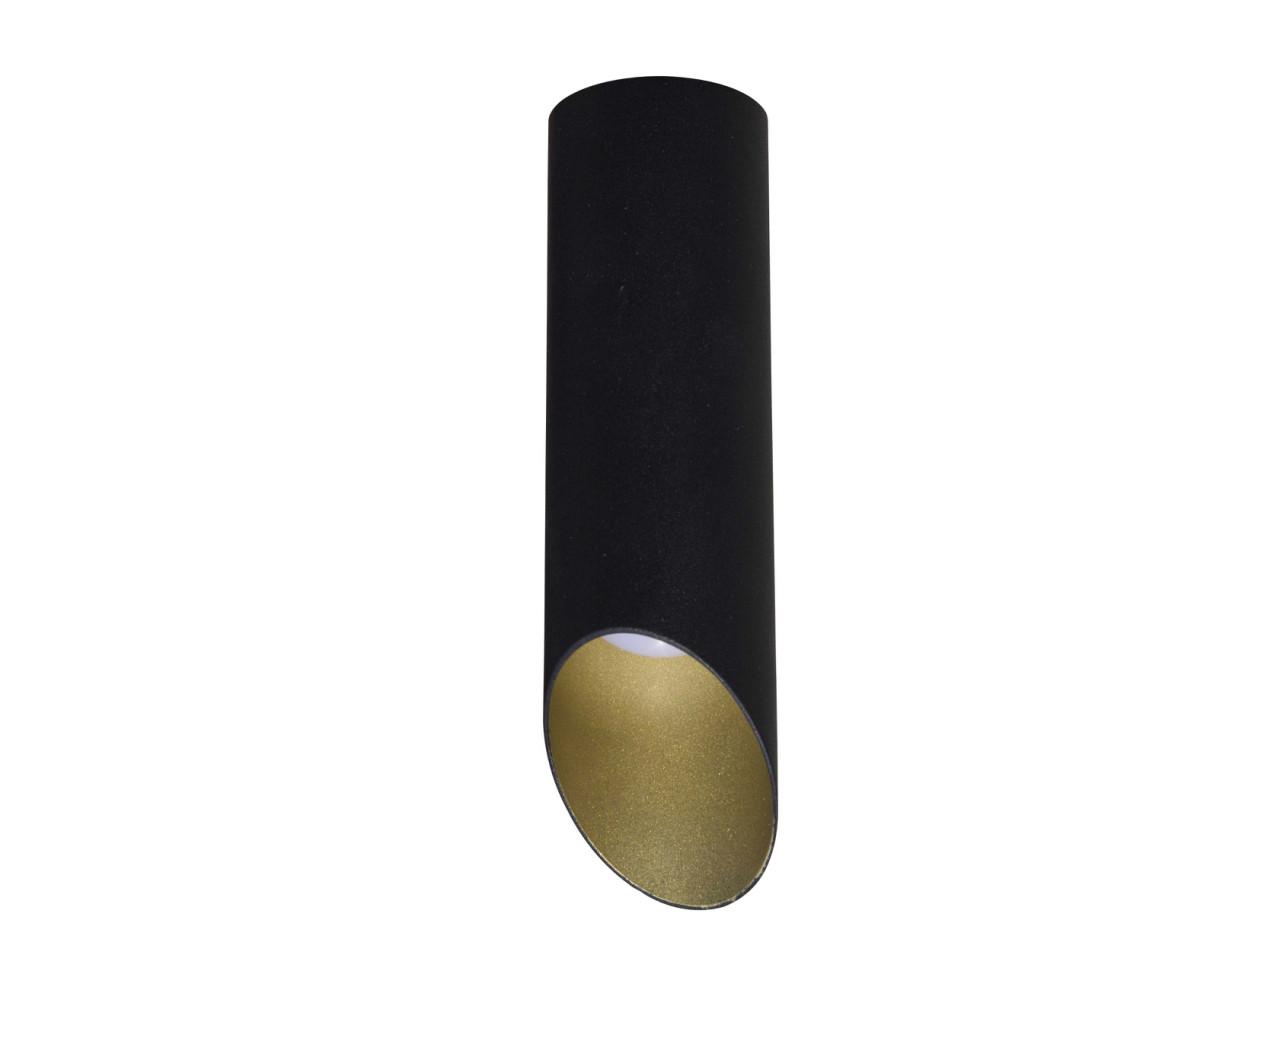 Світильник стельовий Трубка NL 1805 MSK Electric